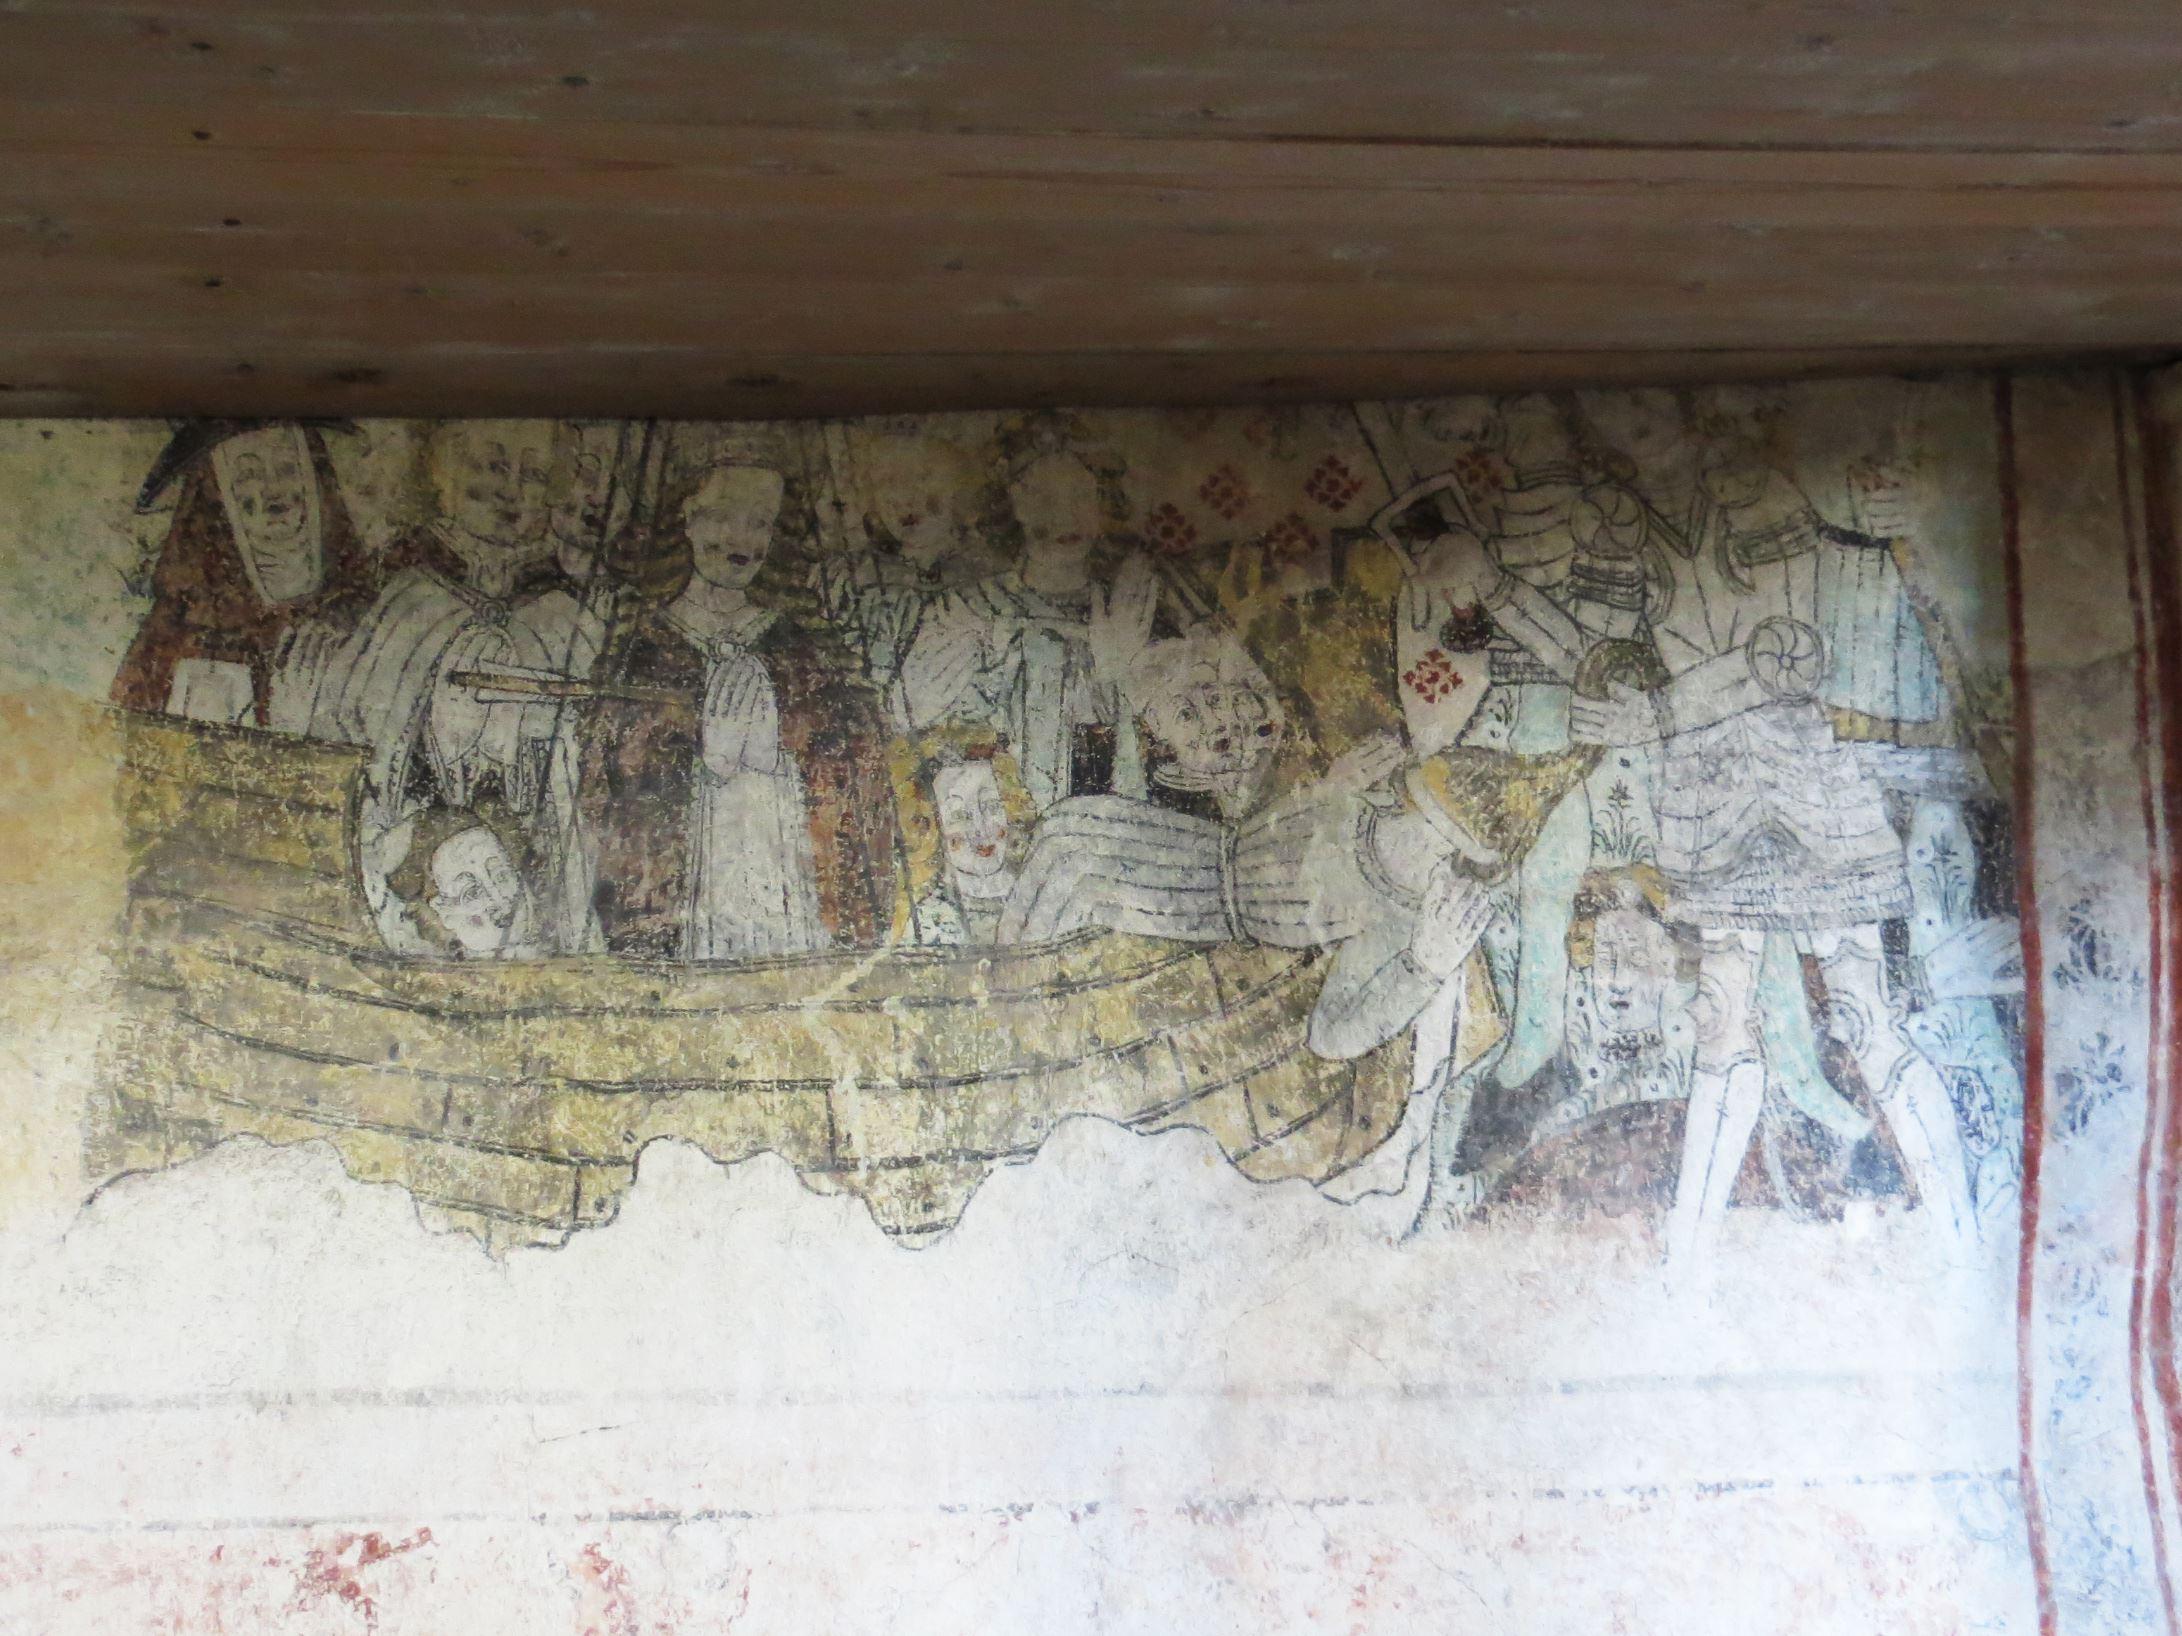 © Ådalsbygdens pastorat, Väggmålning i Ytterlännäs gamla kyrka